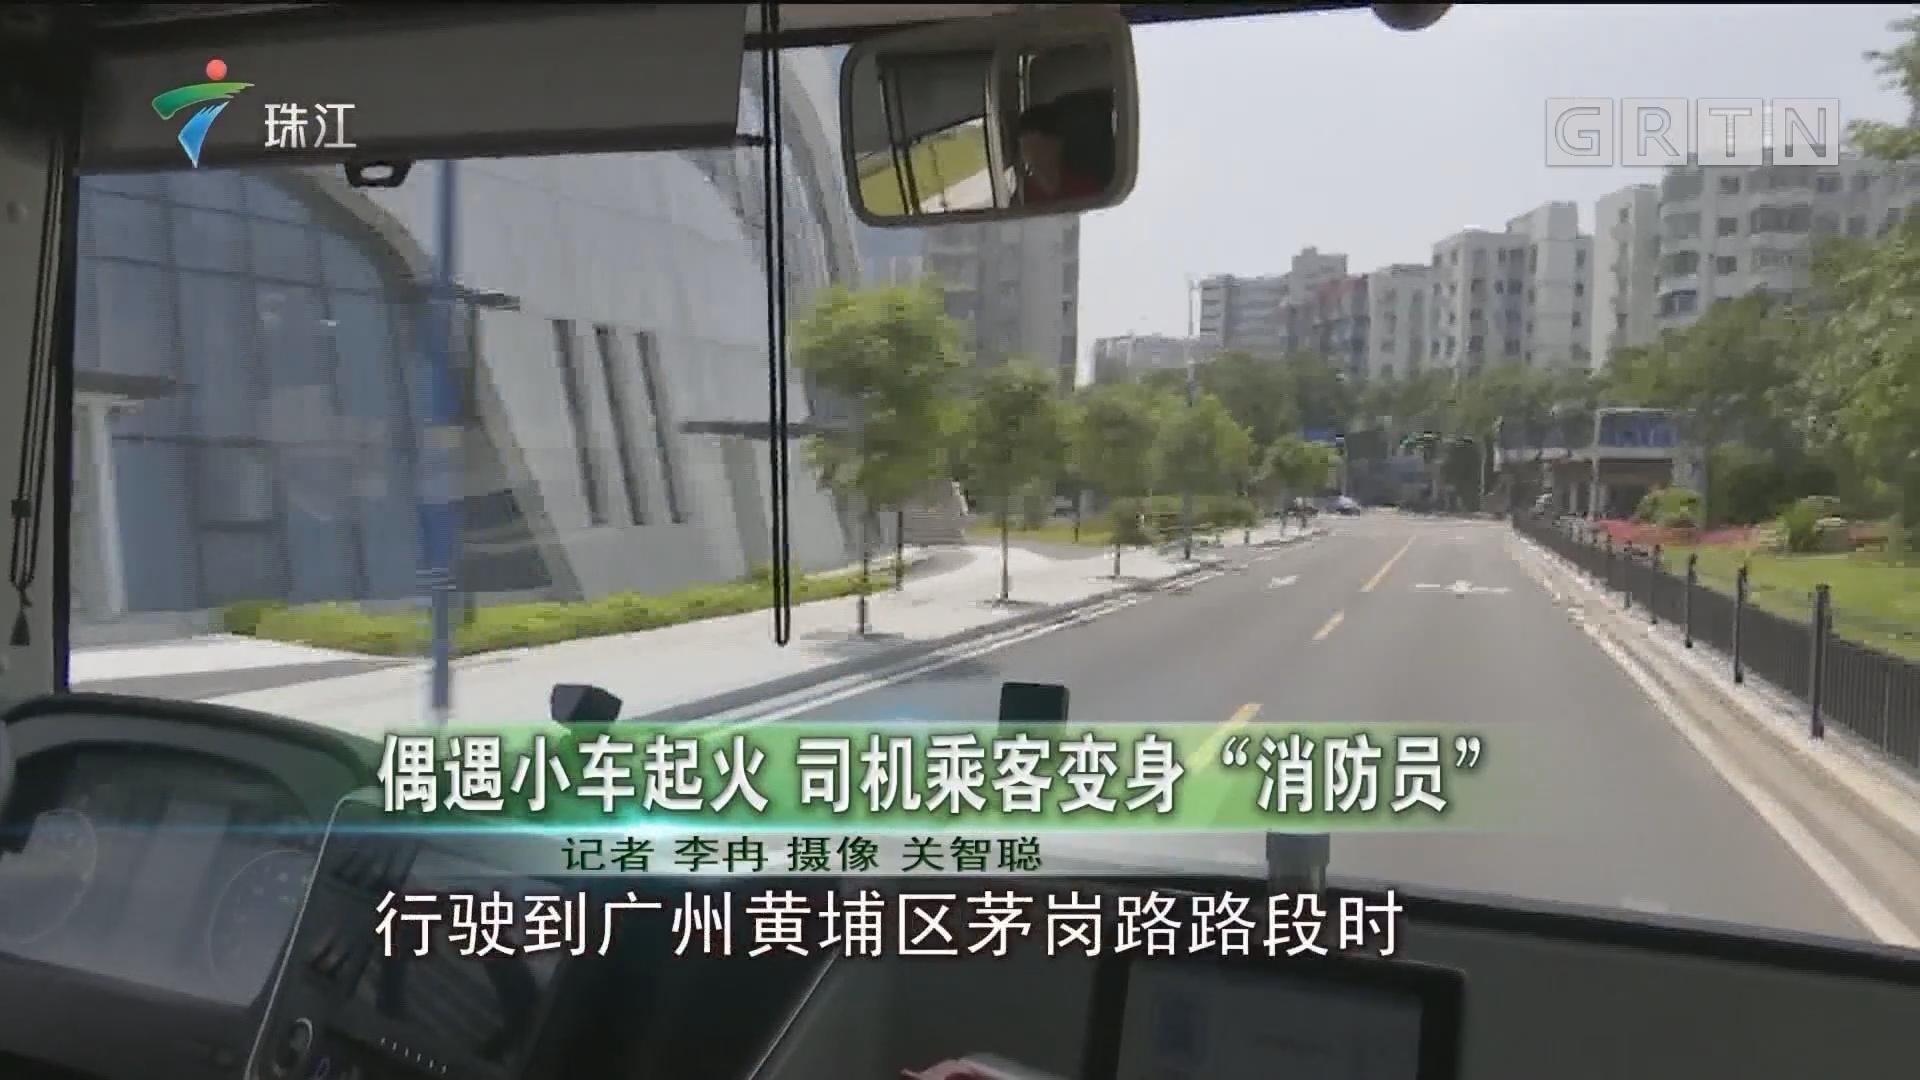 """偶遇小车起火 司机乘客变身""""消防员"""""""